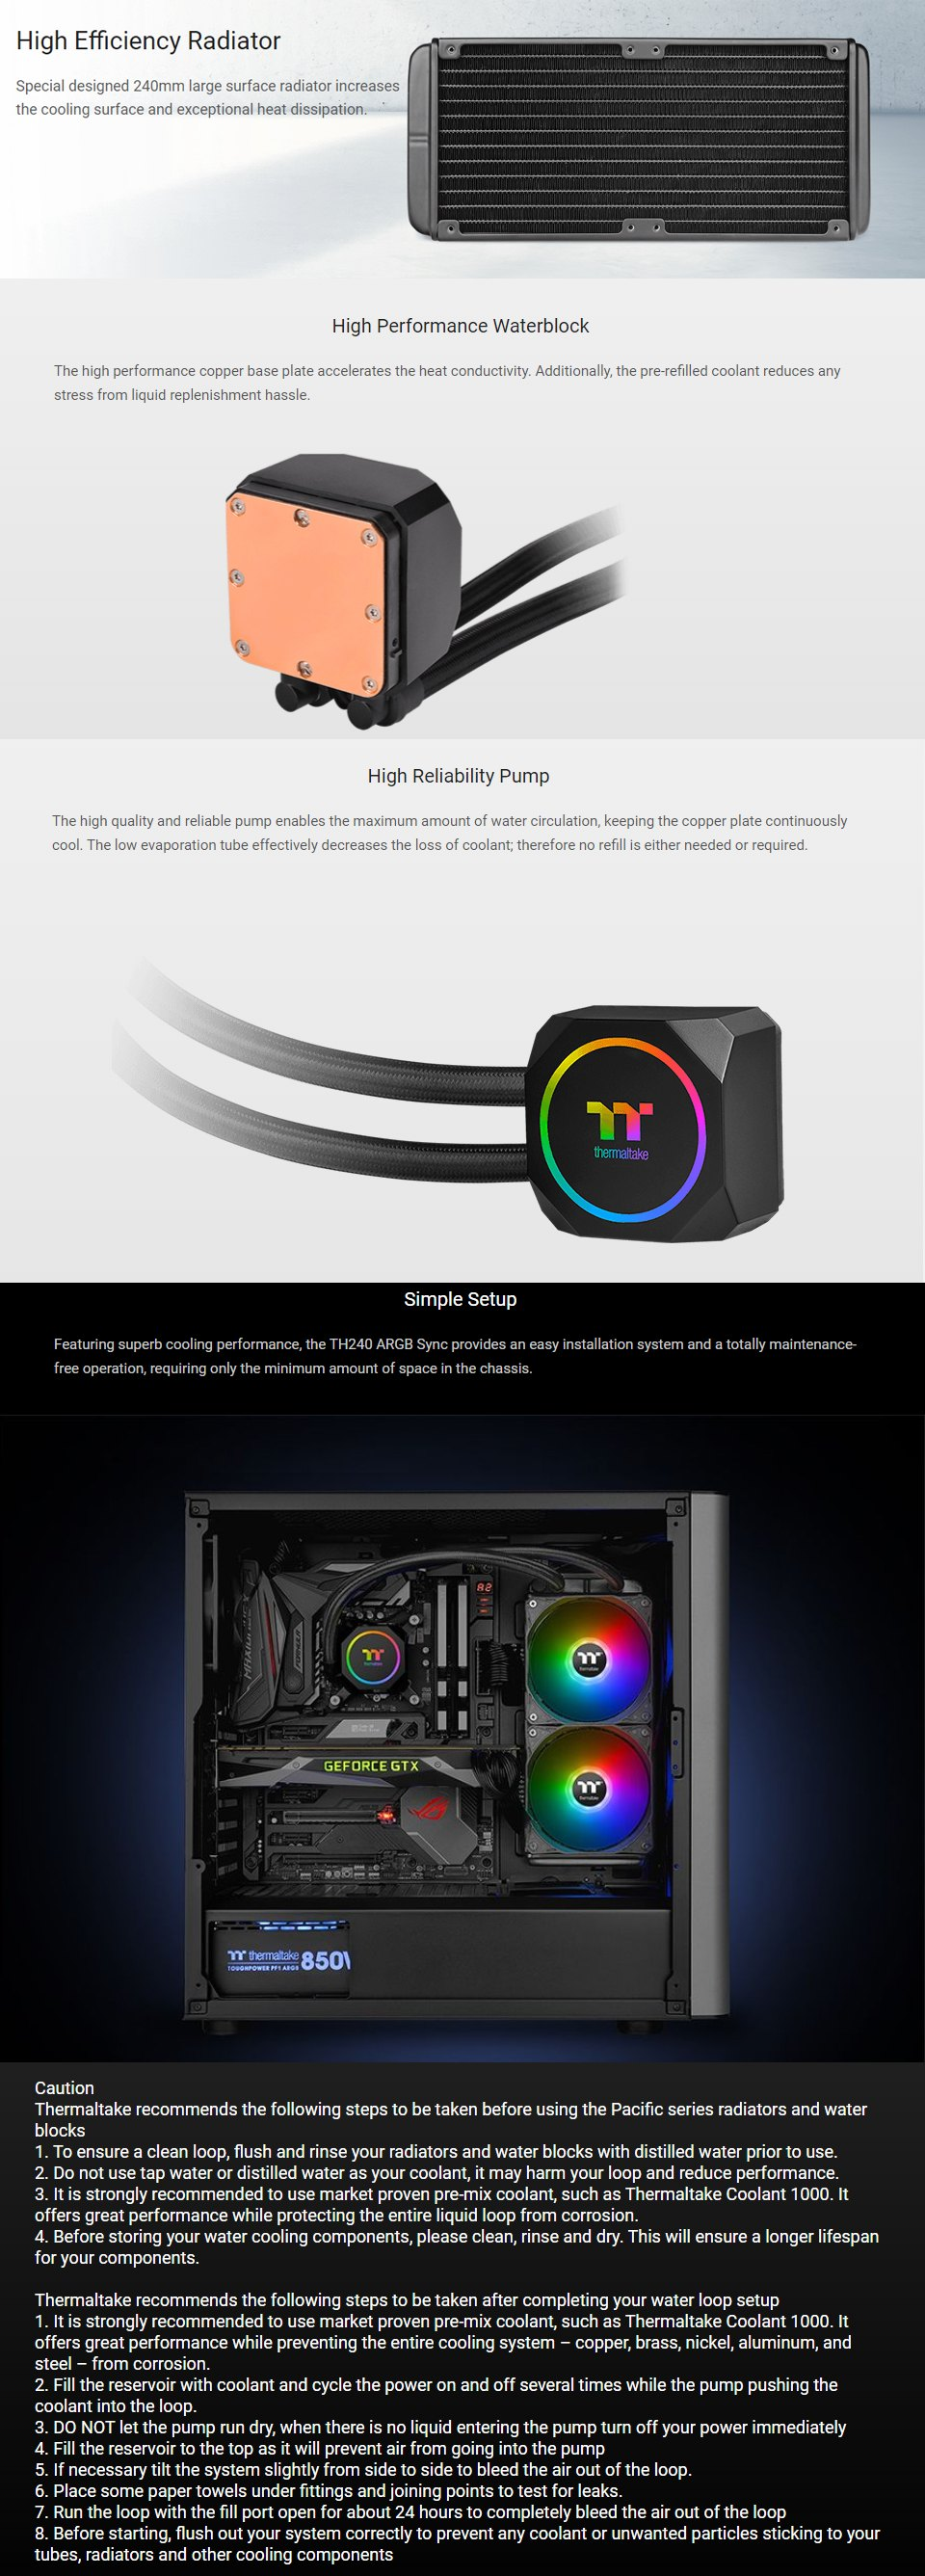 Thermaltake TH240 ARGB 240mm AIO Liquid CPU Cooler features 2